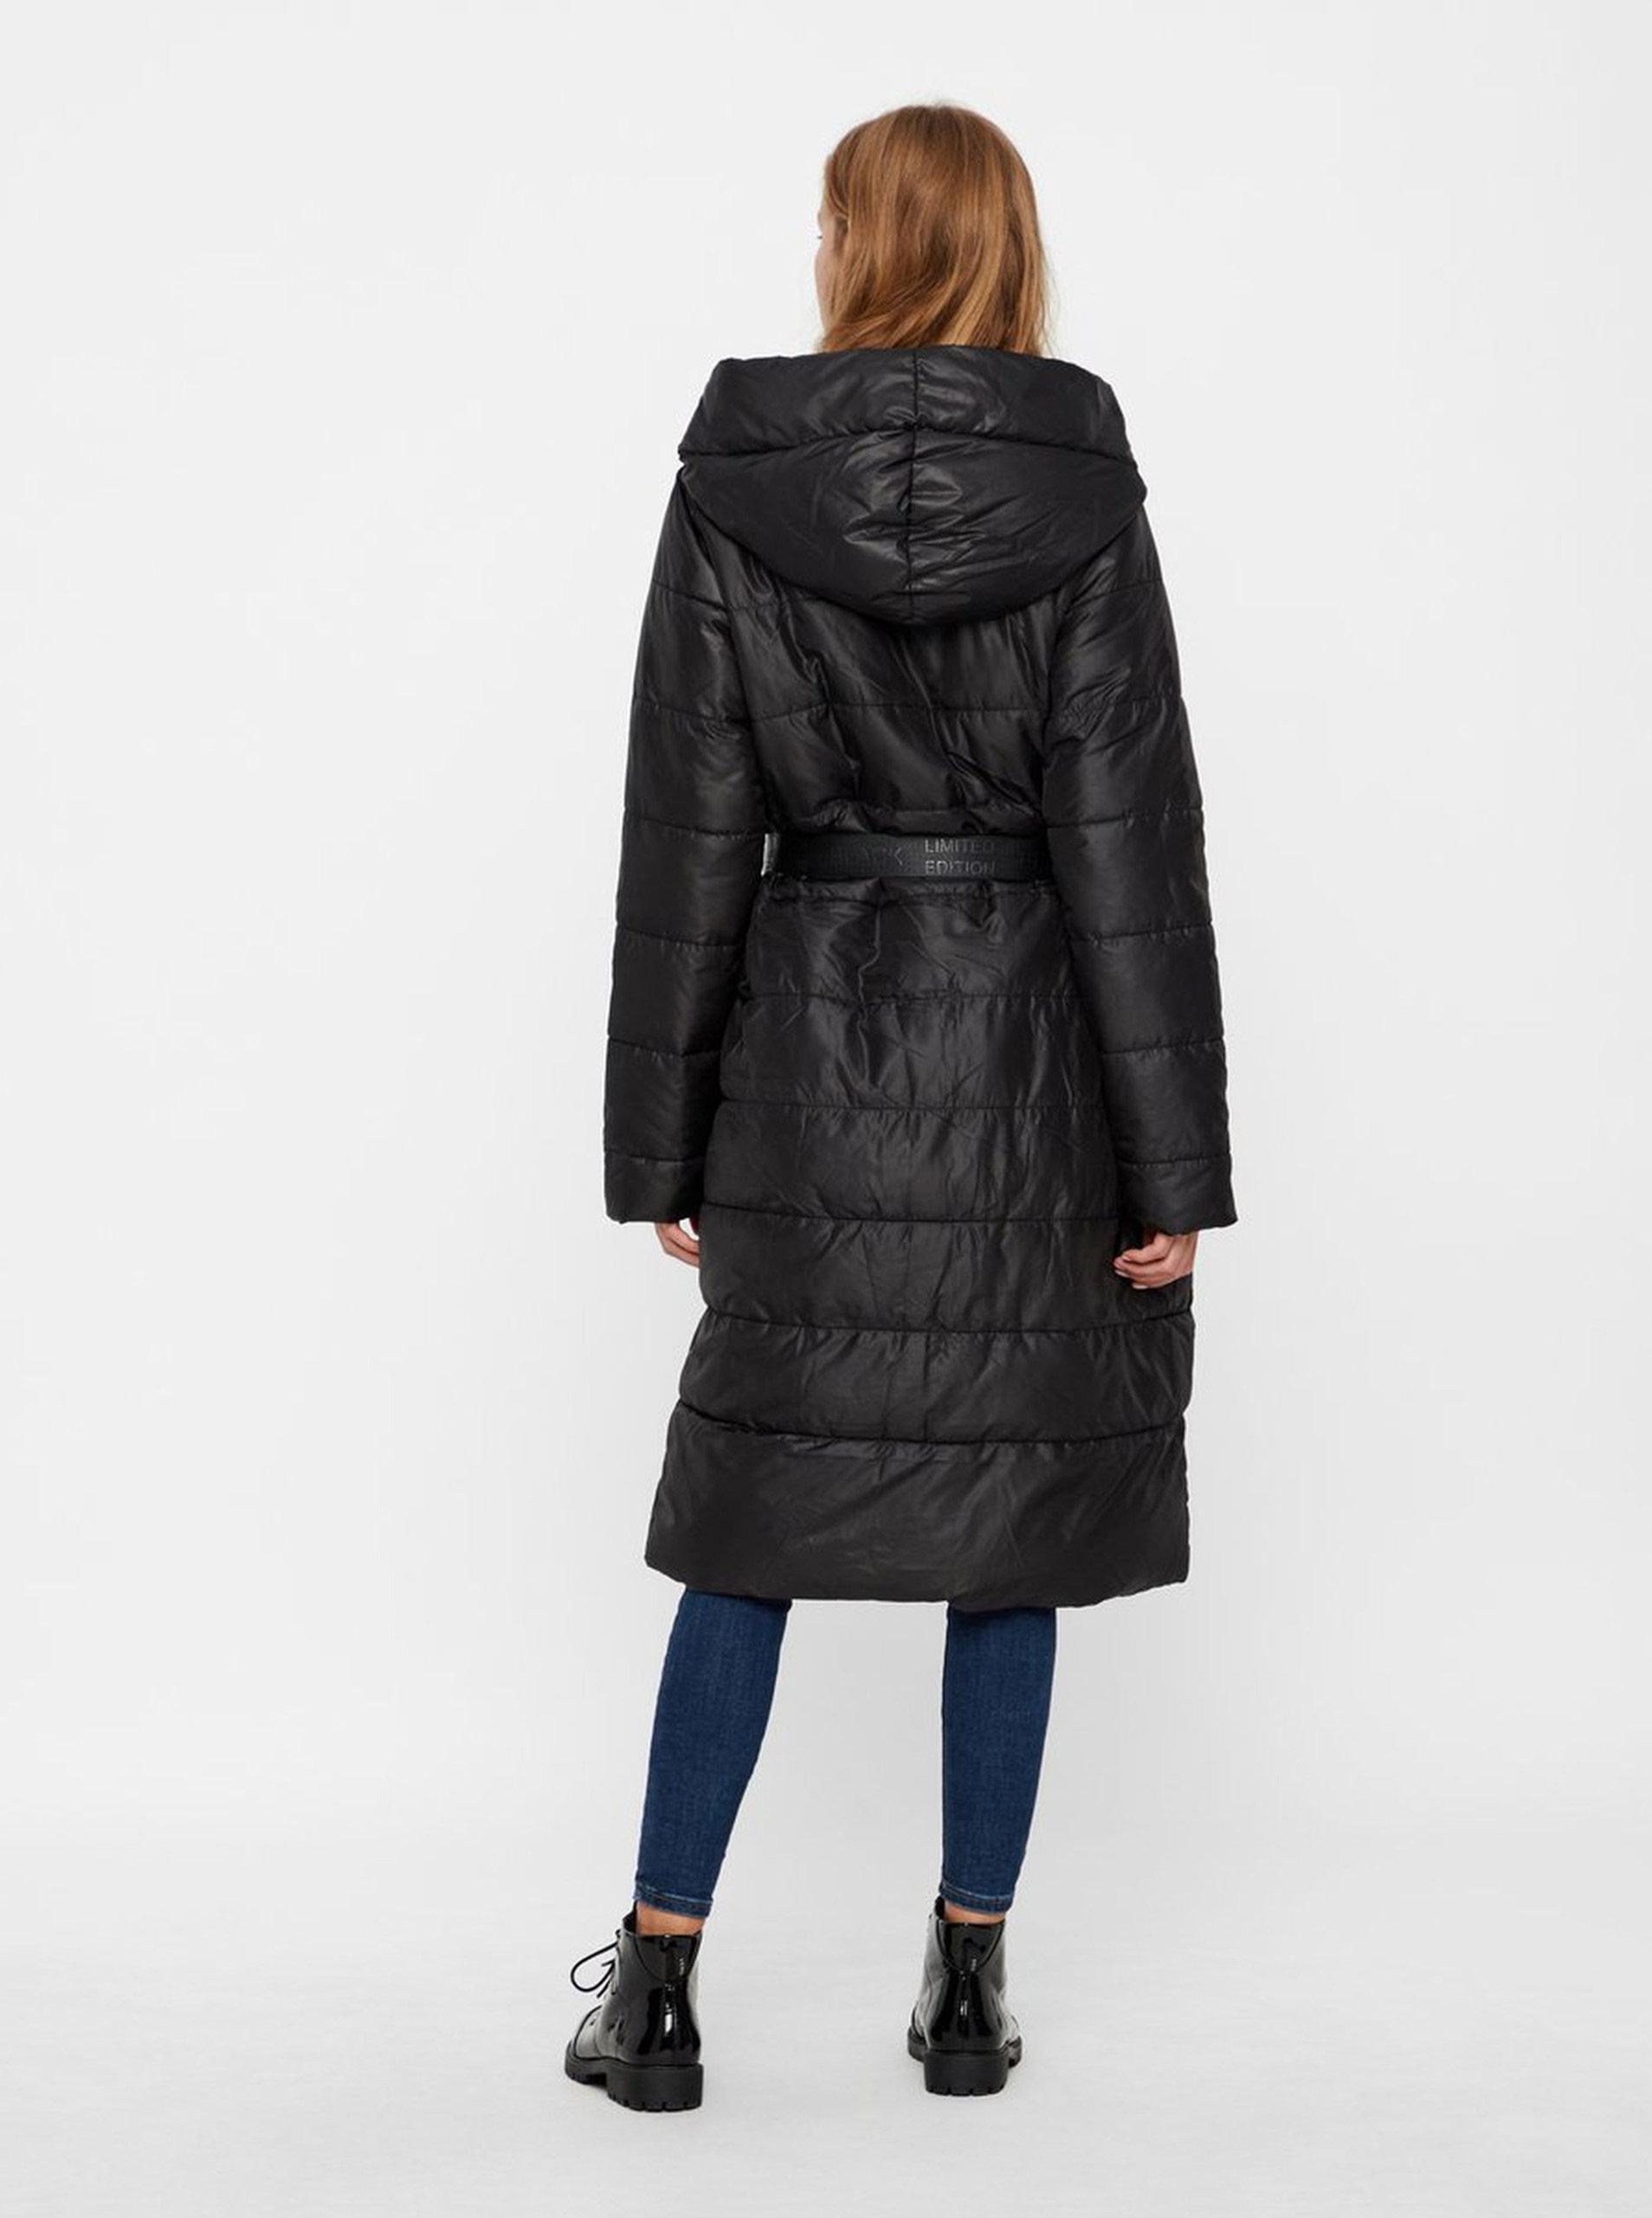 Černý zimní prošívaný kabát s páskem VERO MODA ... 373c103f3c5